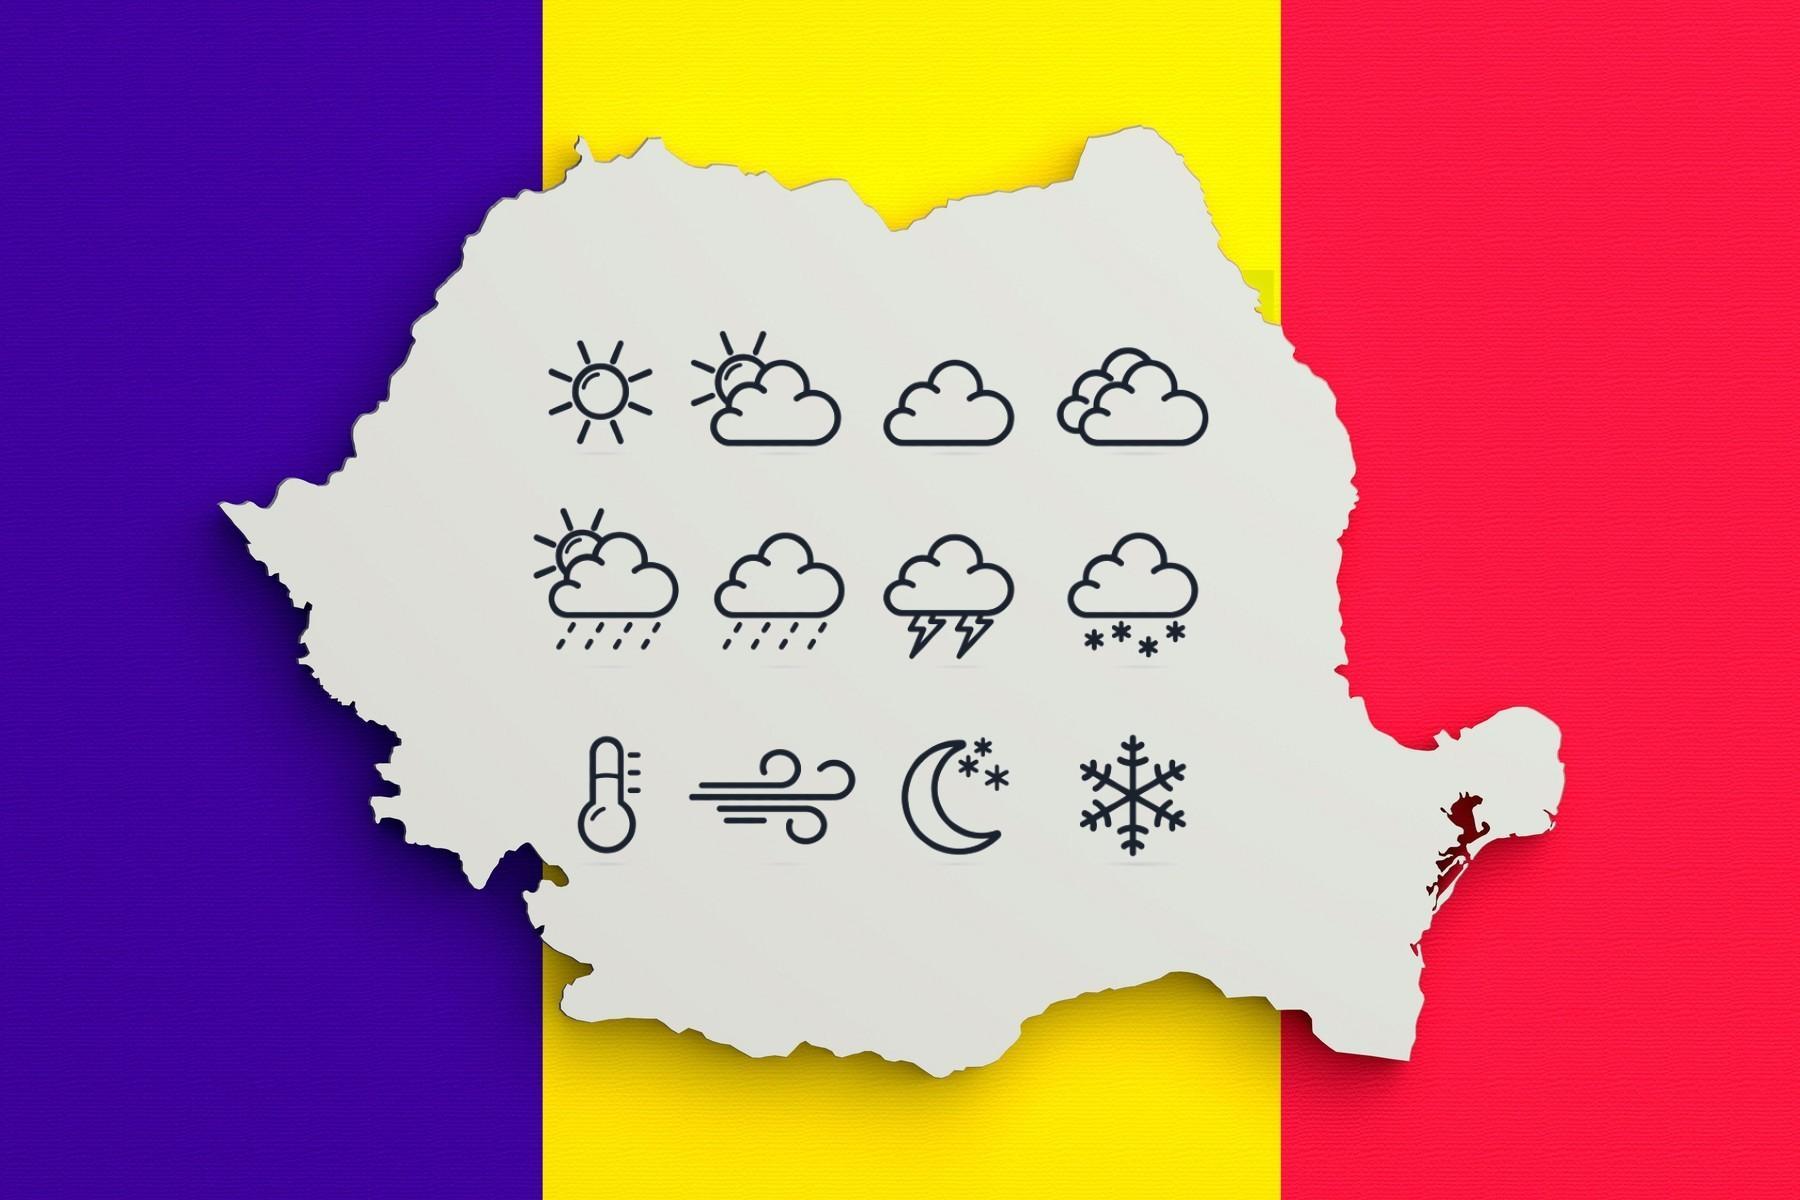 Prognoza Meteo, 1 august 2021. Cum va fi vremea în România și care sunt previziunile ANM pentru astăzi